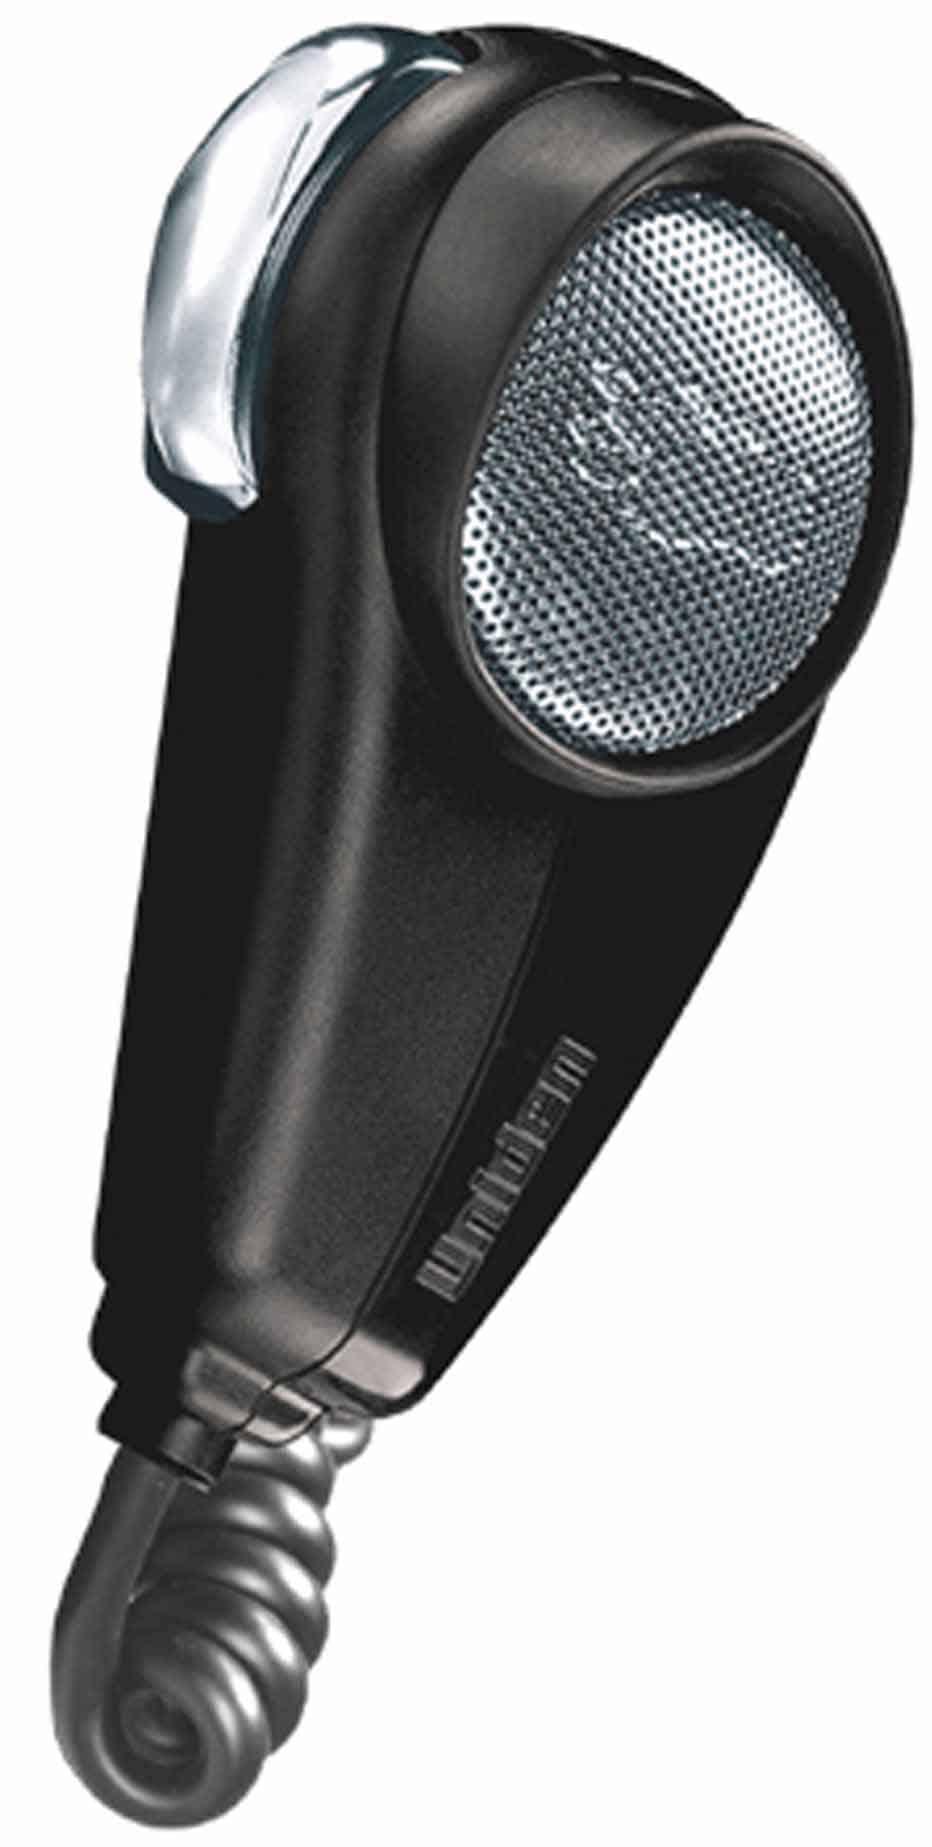 BMKG0676001 - Uniden Microphone for BC680 Radio